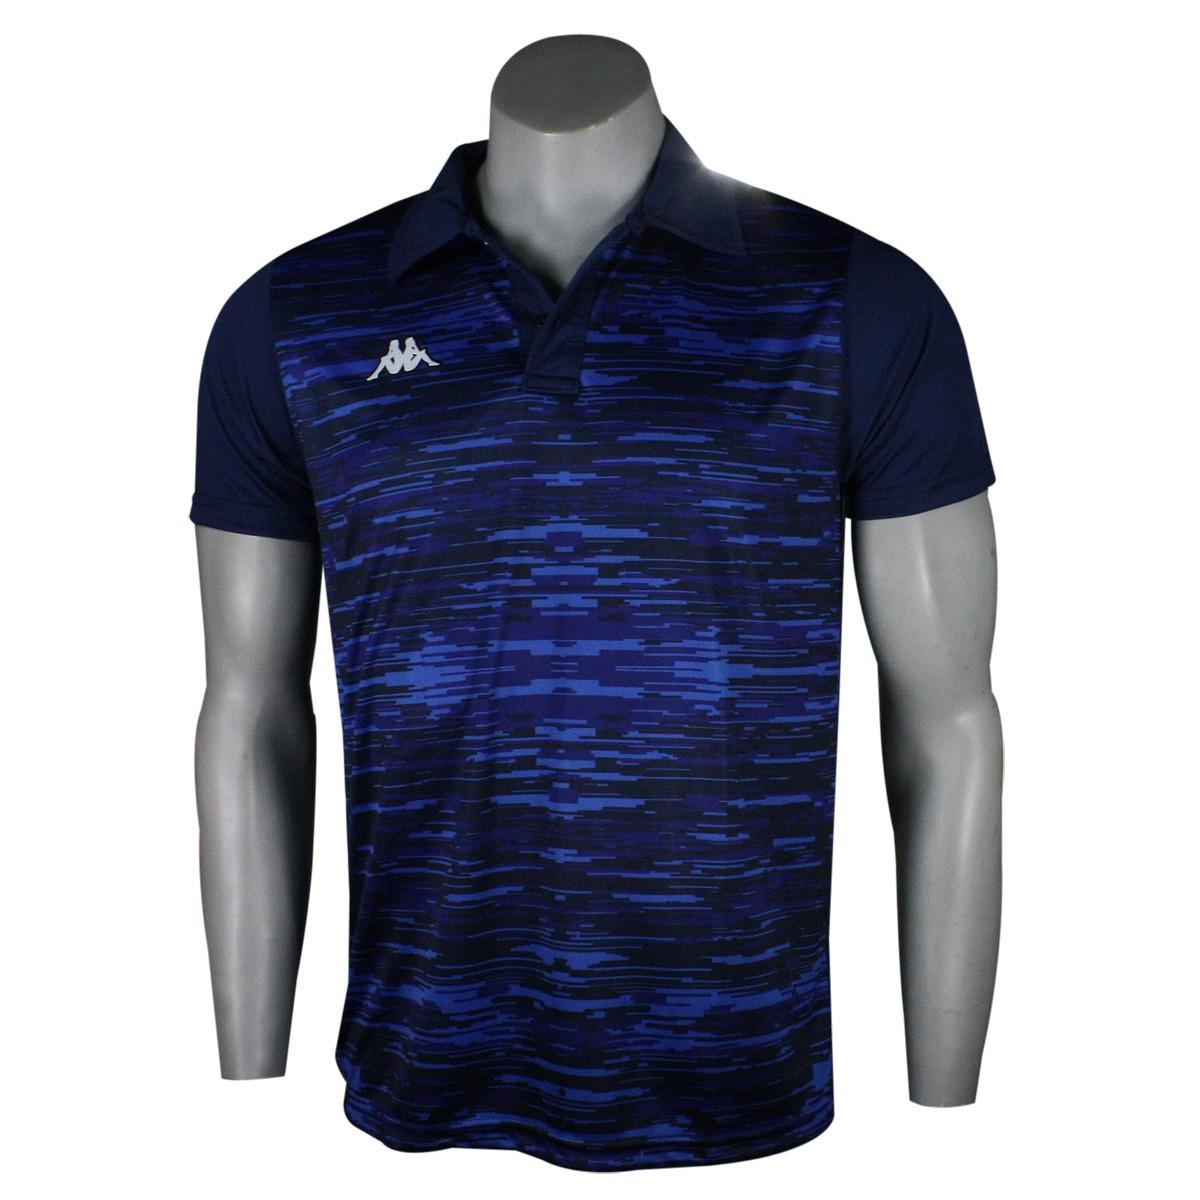 Camiseta Polo Kappa Jenner Masculina KP0127001 069 - Marinho - Botas ... be0910f8bcb4f